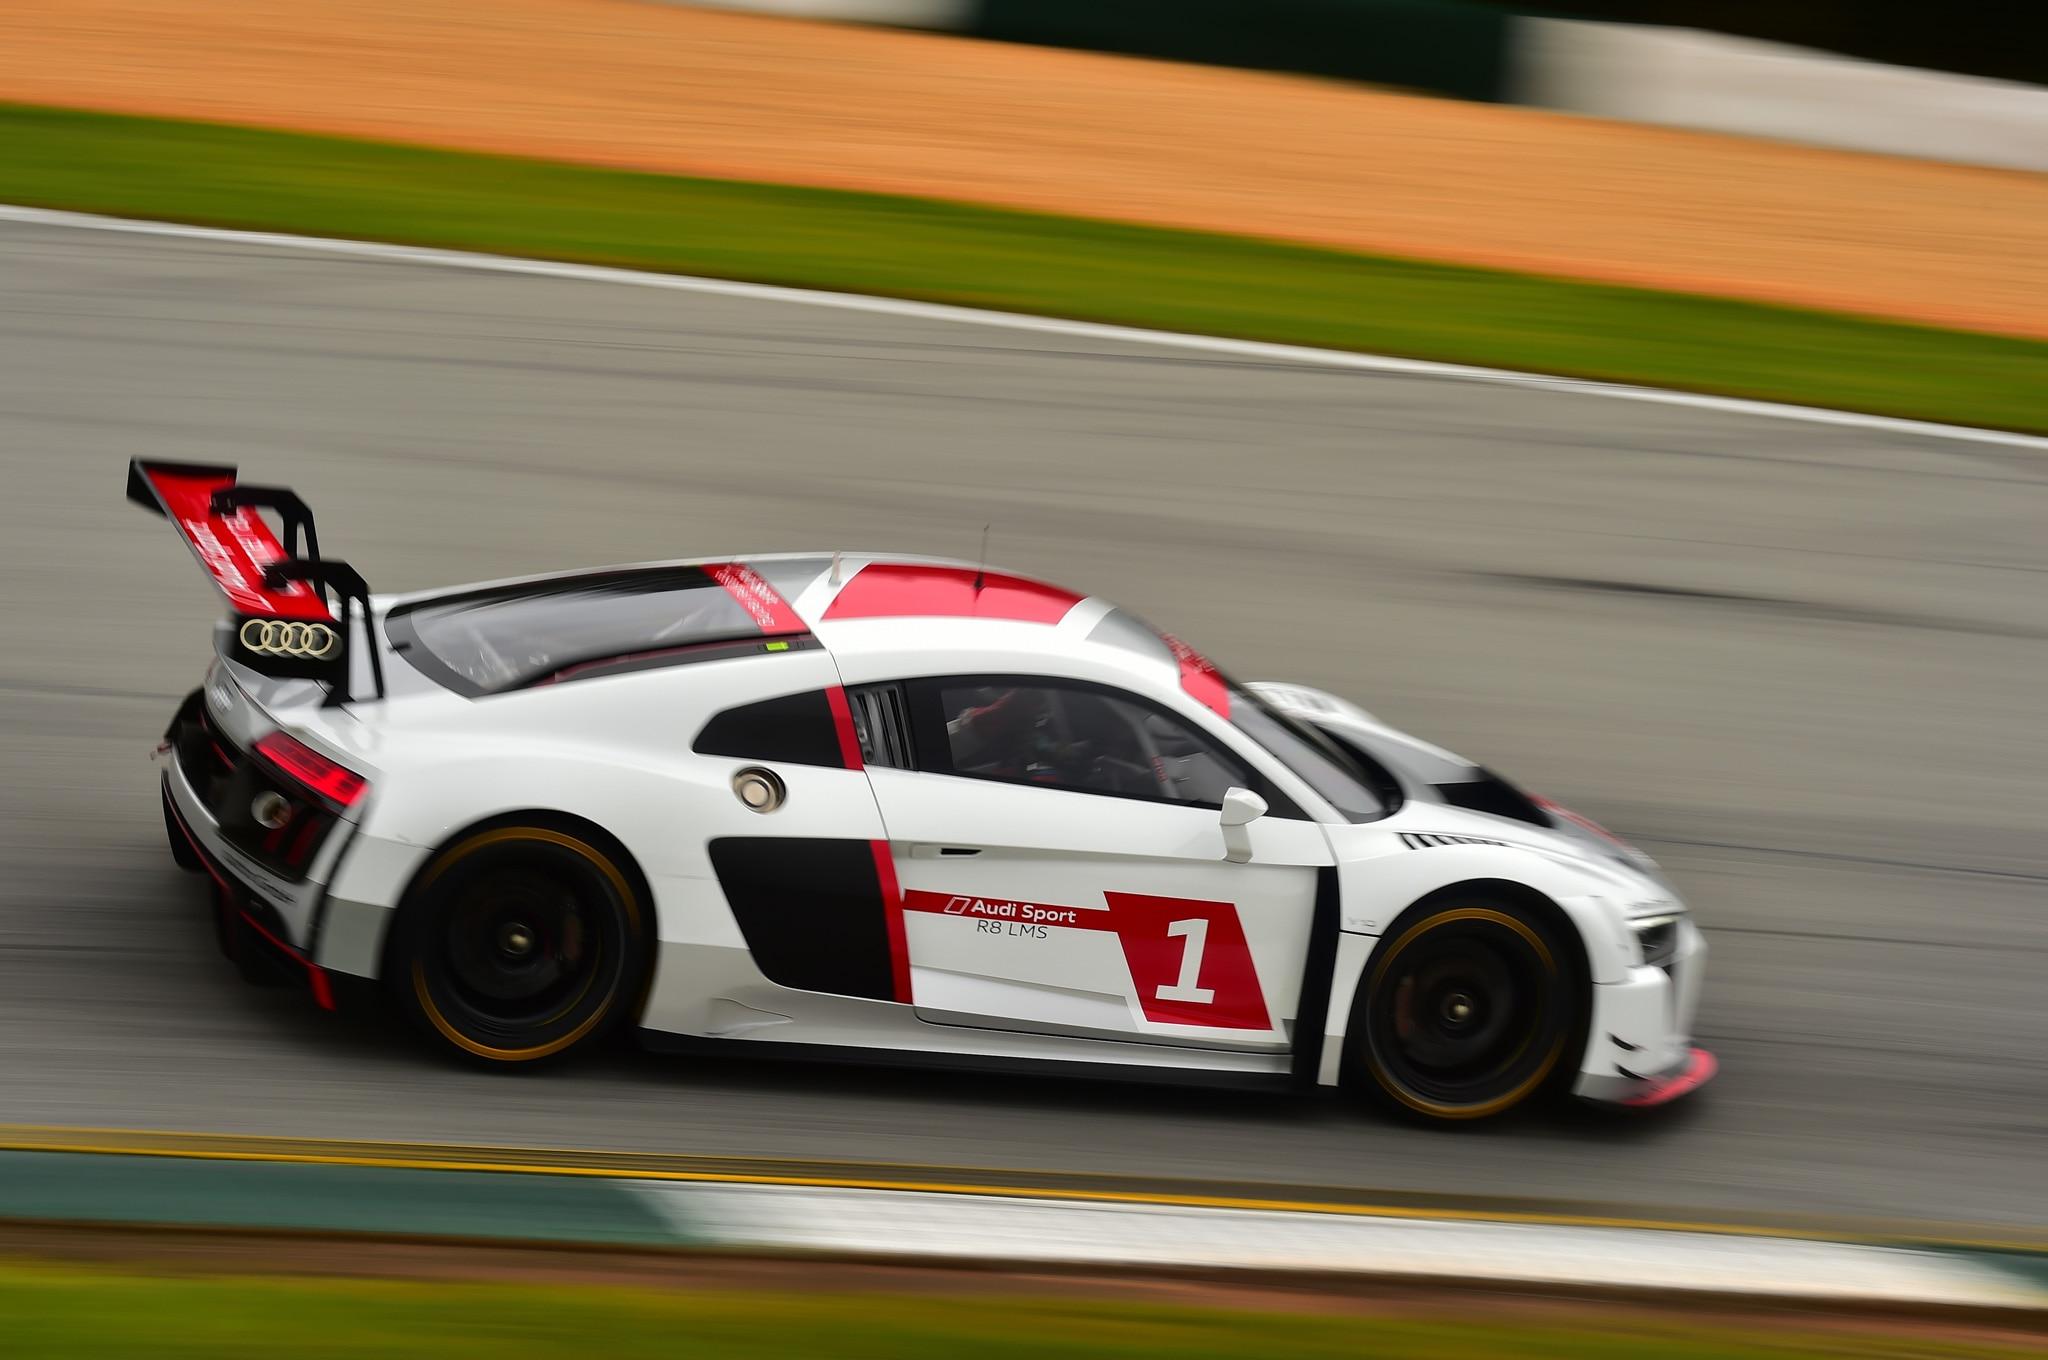 Audi R LMS Review - Audi r8 lms